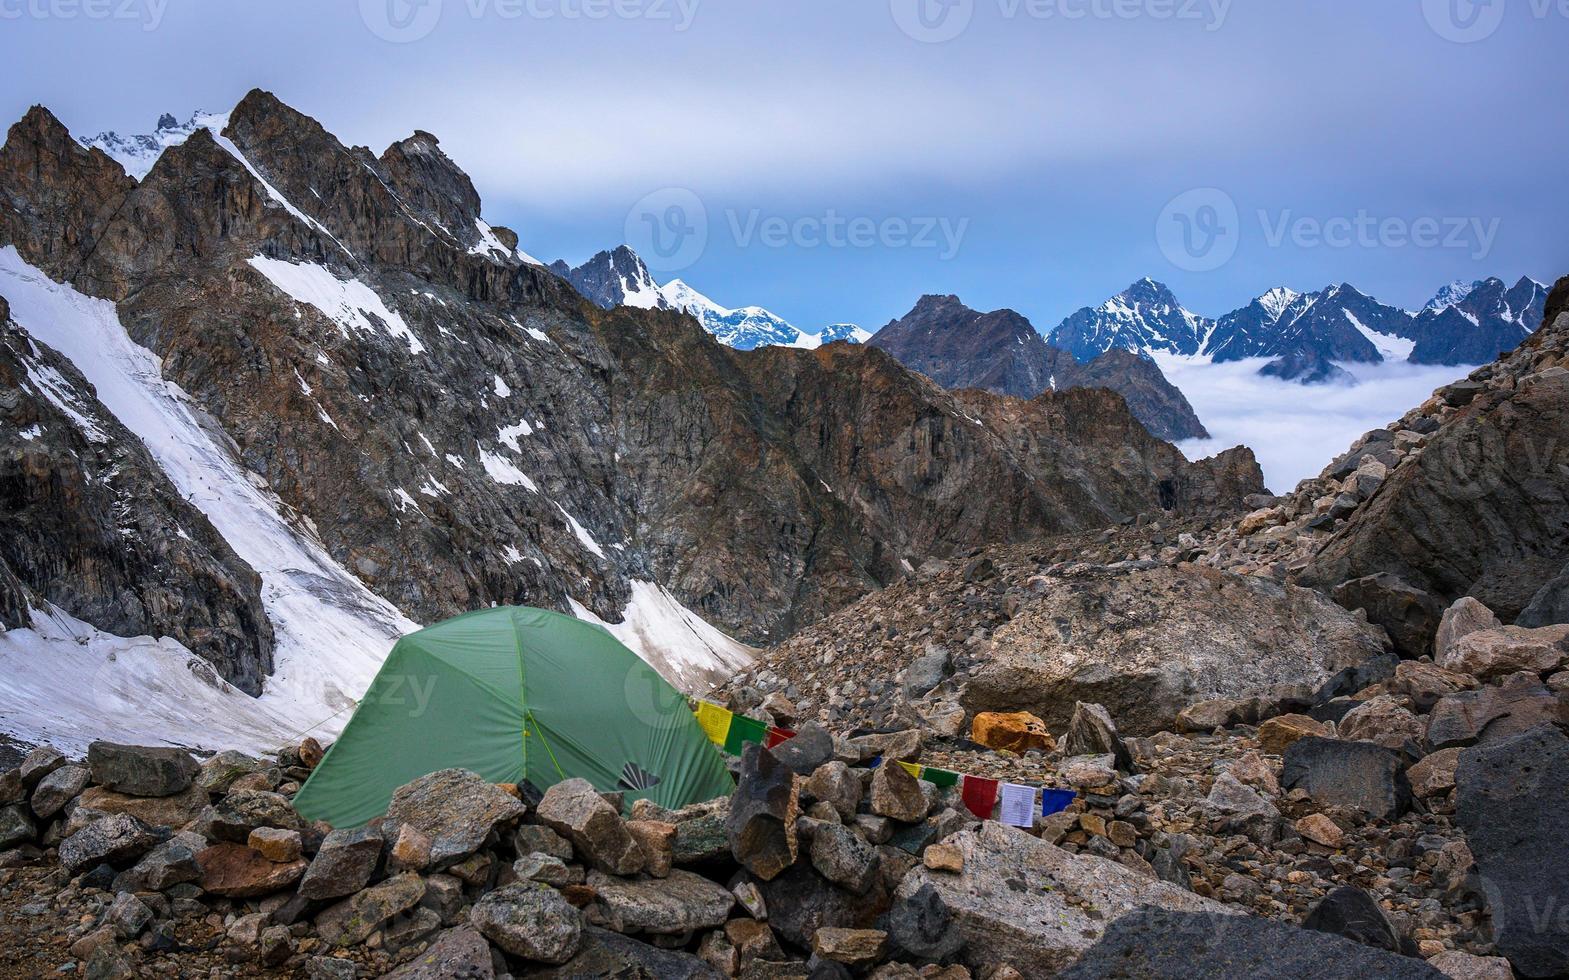 ensamma bergsklättrare läger i mycket höga snöiga bergsklättringar bredvid glaciären. foto